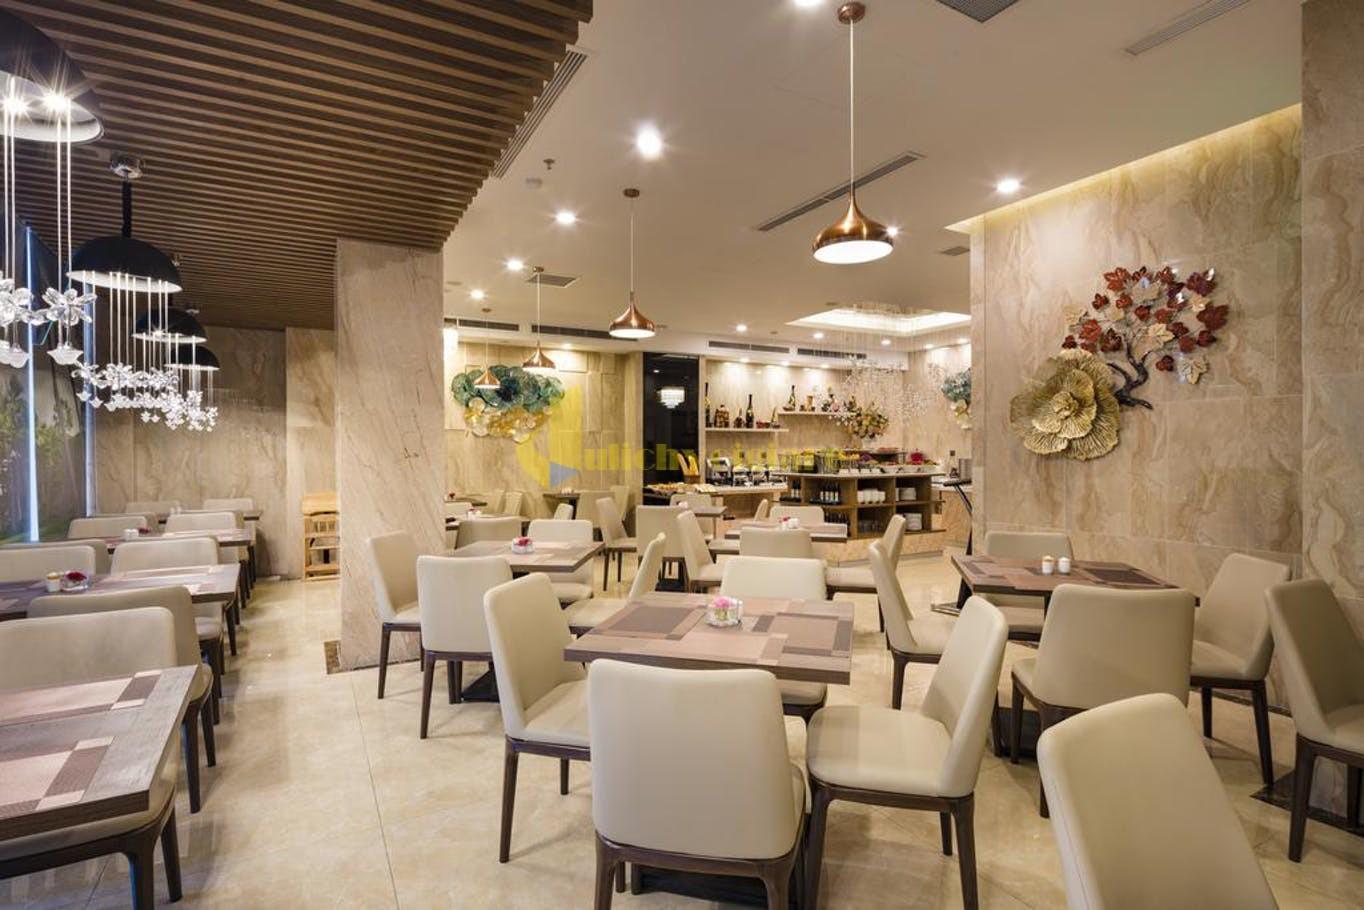 aaron-6 Top 10 Khách Sạn Đẹp Ngất Ngây Tại Nha Trang